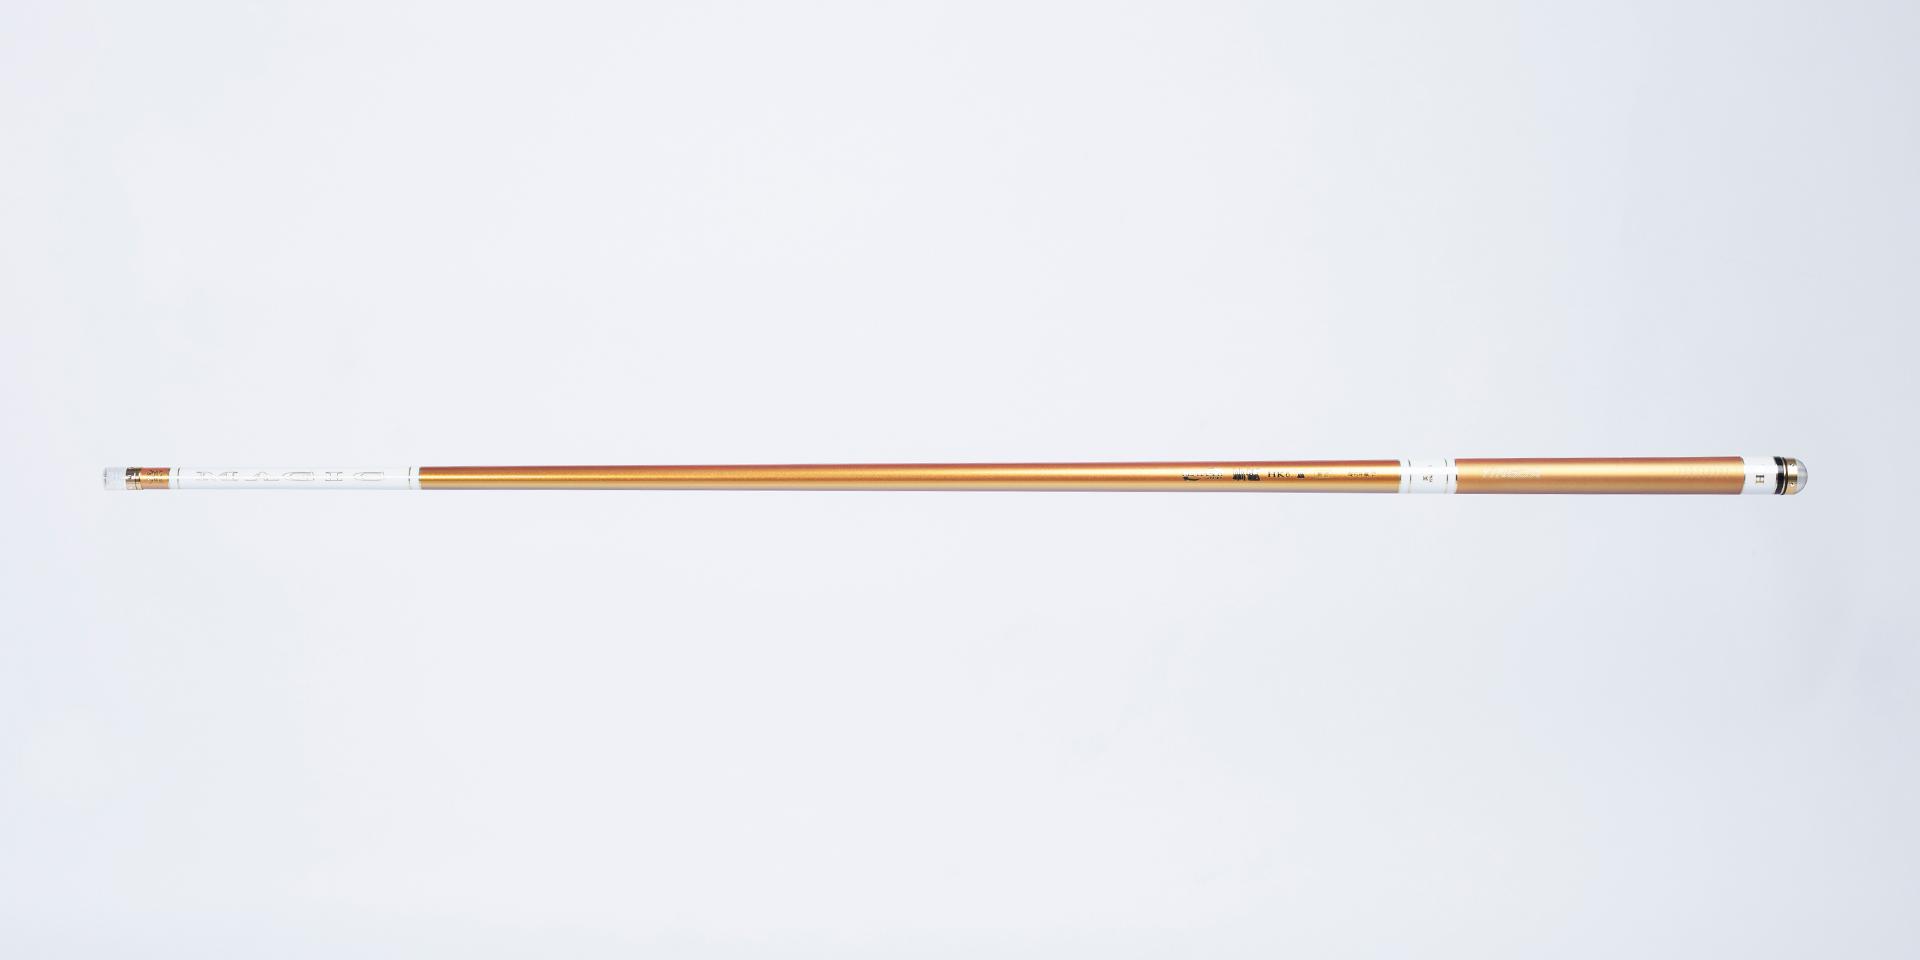 英大钓具亚洲限量发行YINGDA・MAGIC・动力平衡黑坑系列新品――多魔・HK6Ⅲ代,品质型动力平衡黑坑竿